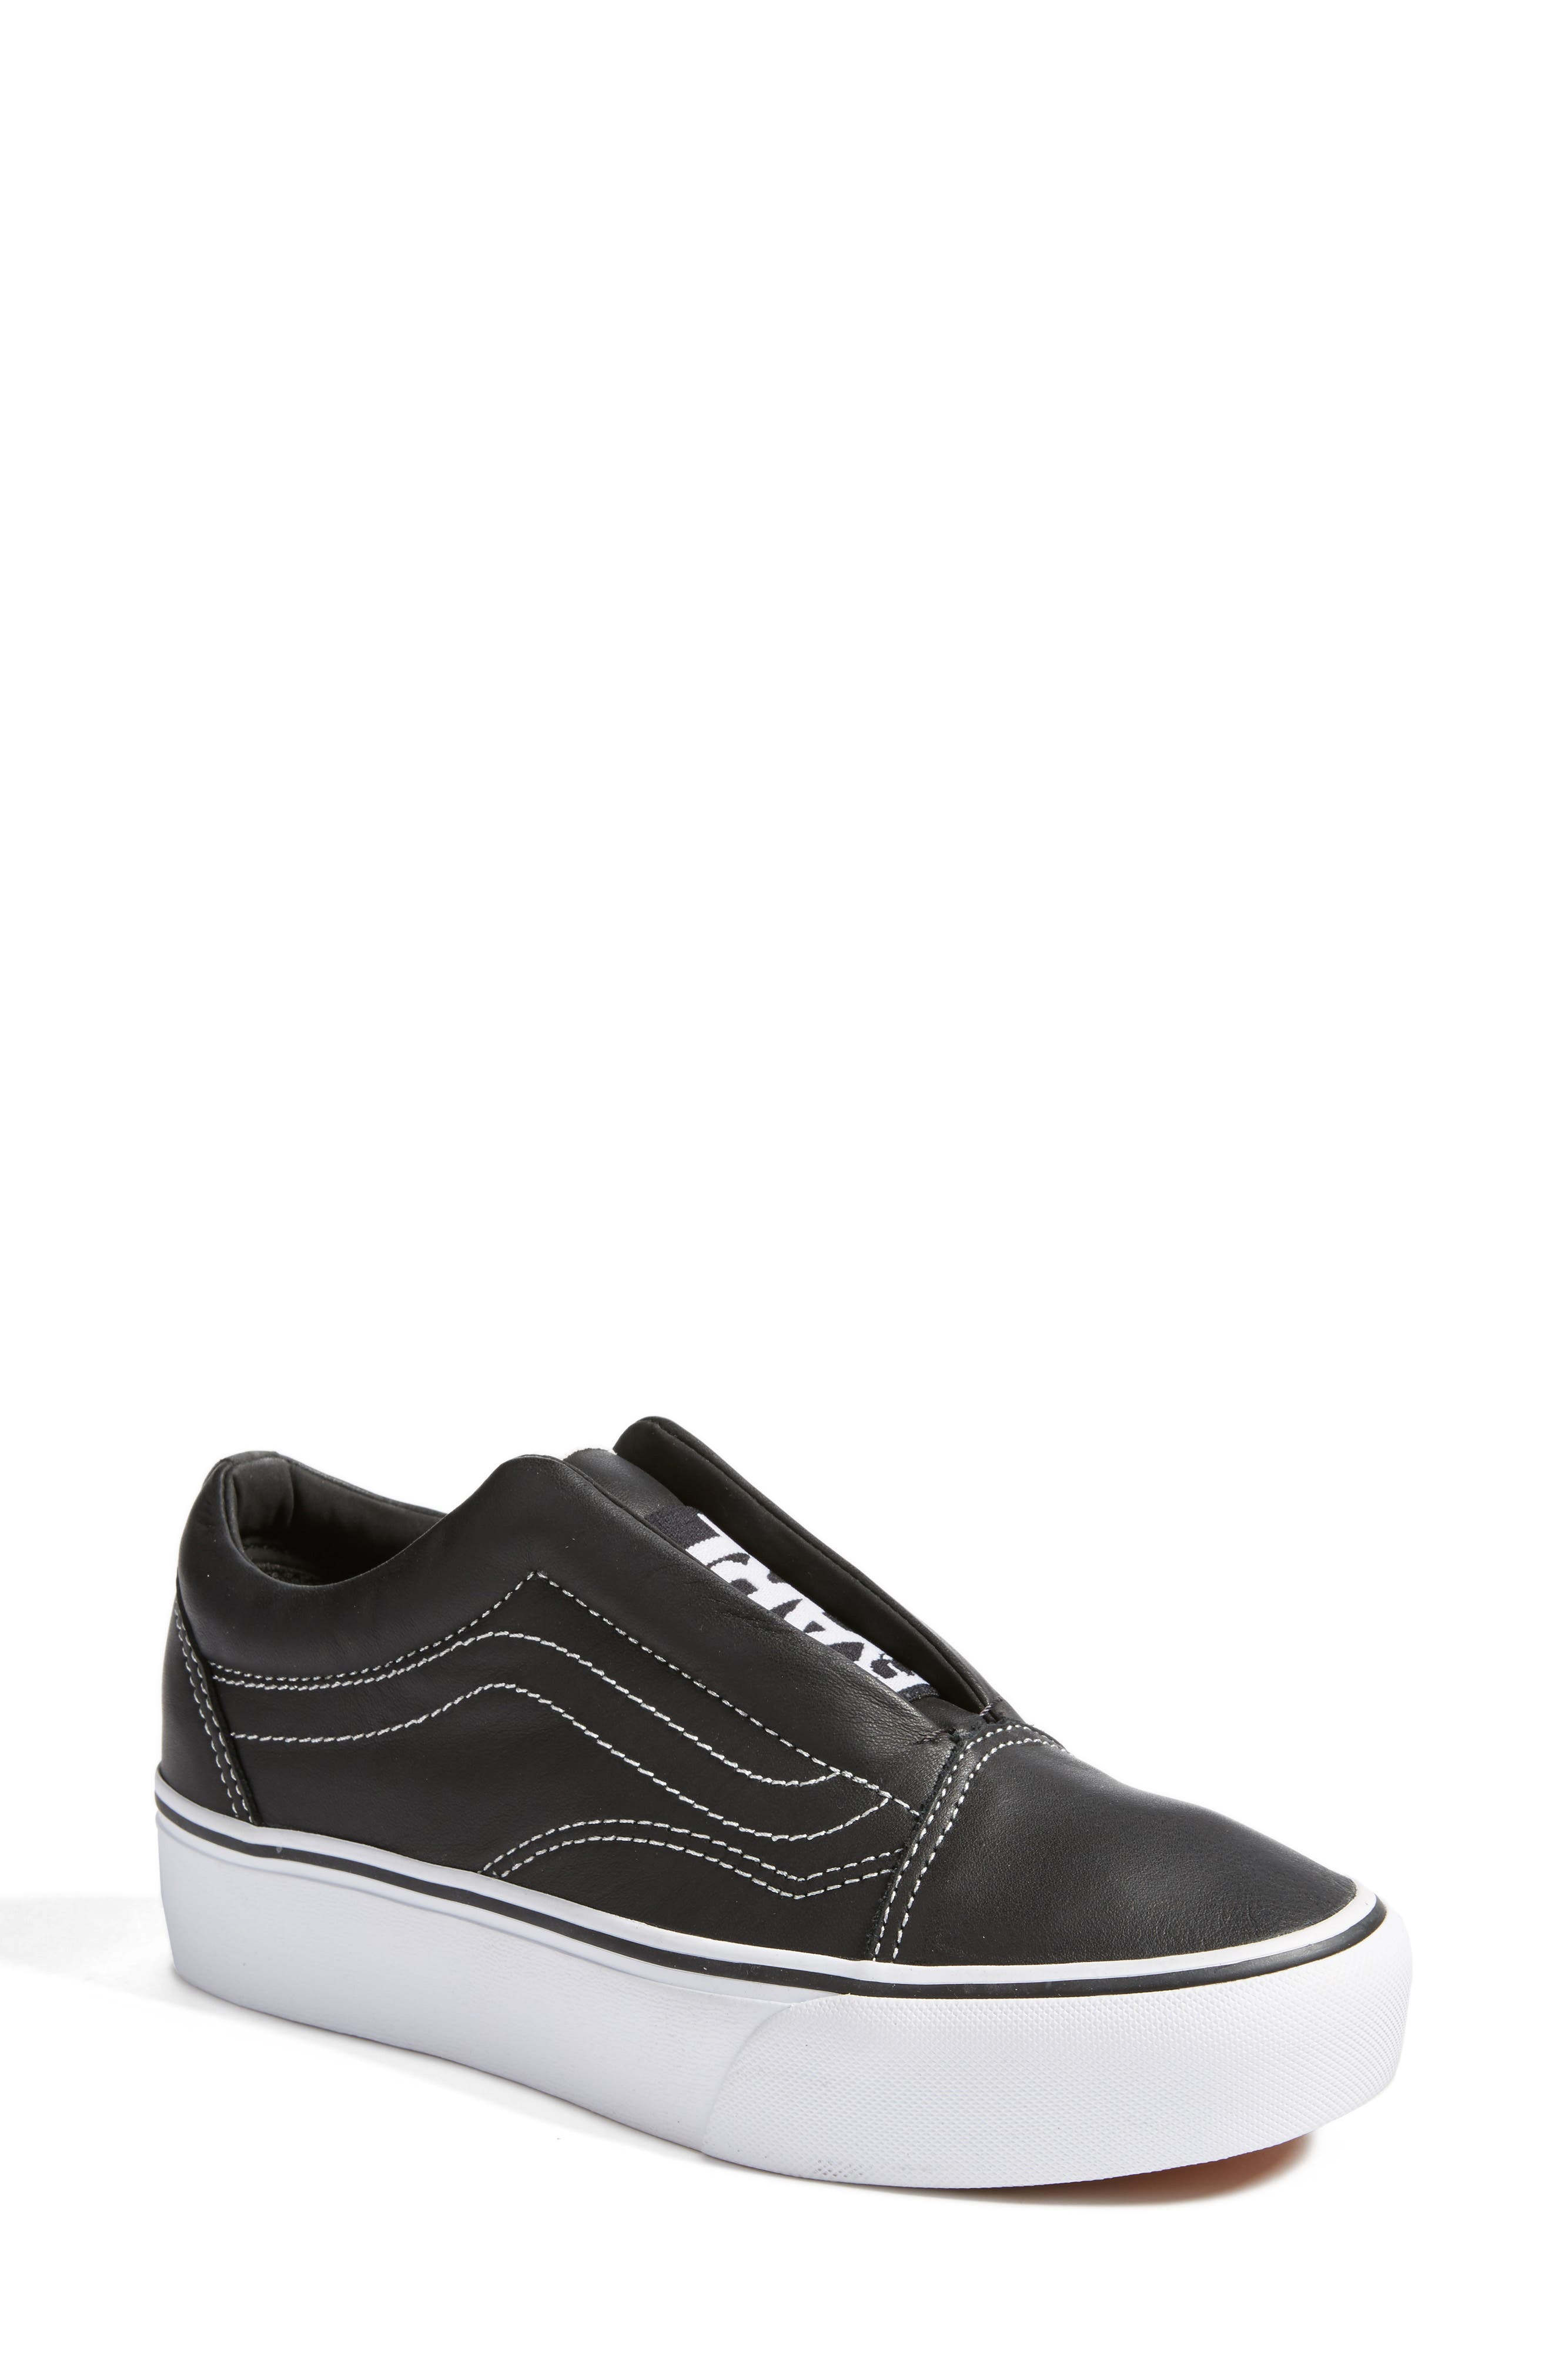 VANS,                             x KARL LAGERFELD Old Skool Leather Platform Sneaker,                             Main thumbnail 1, color,                             001